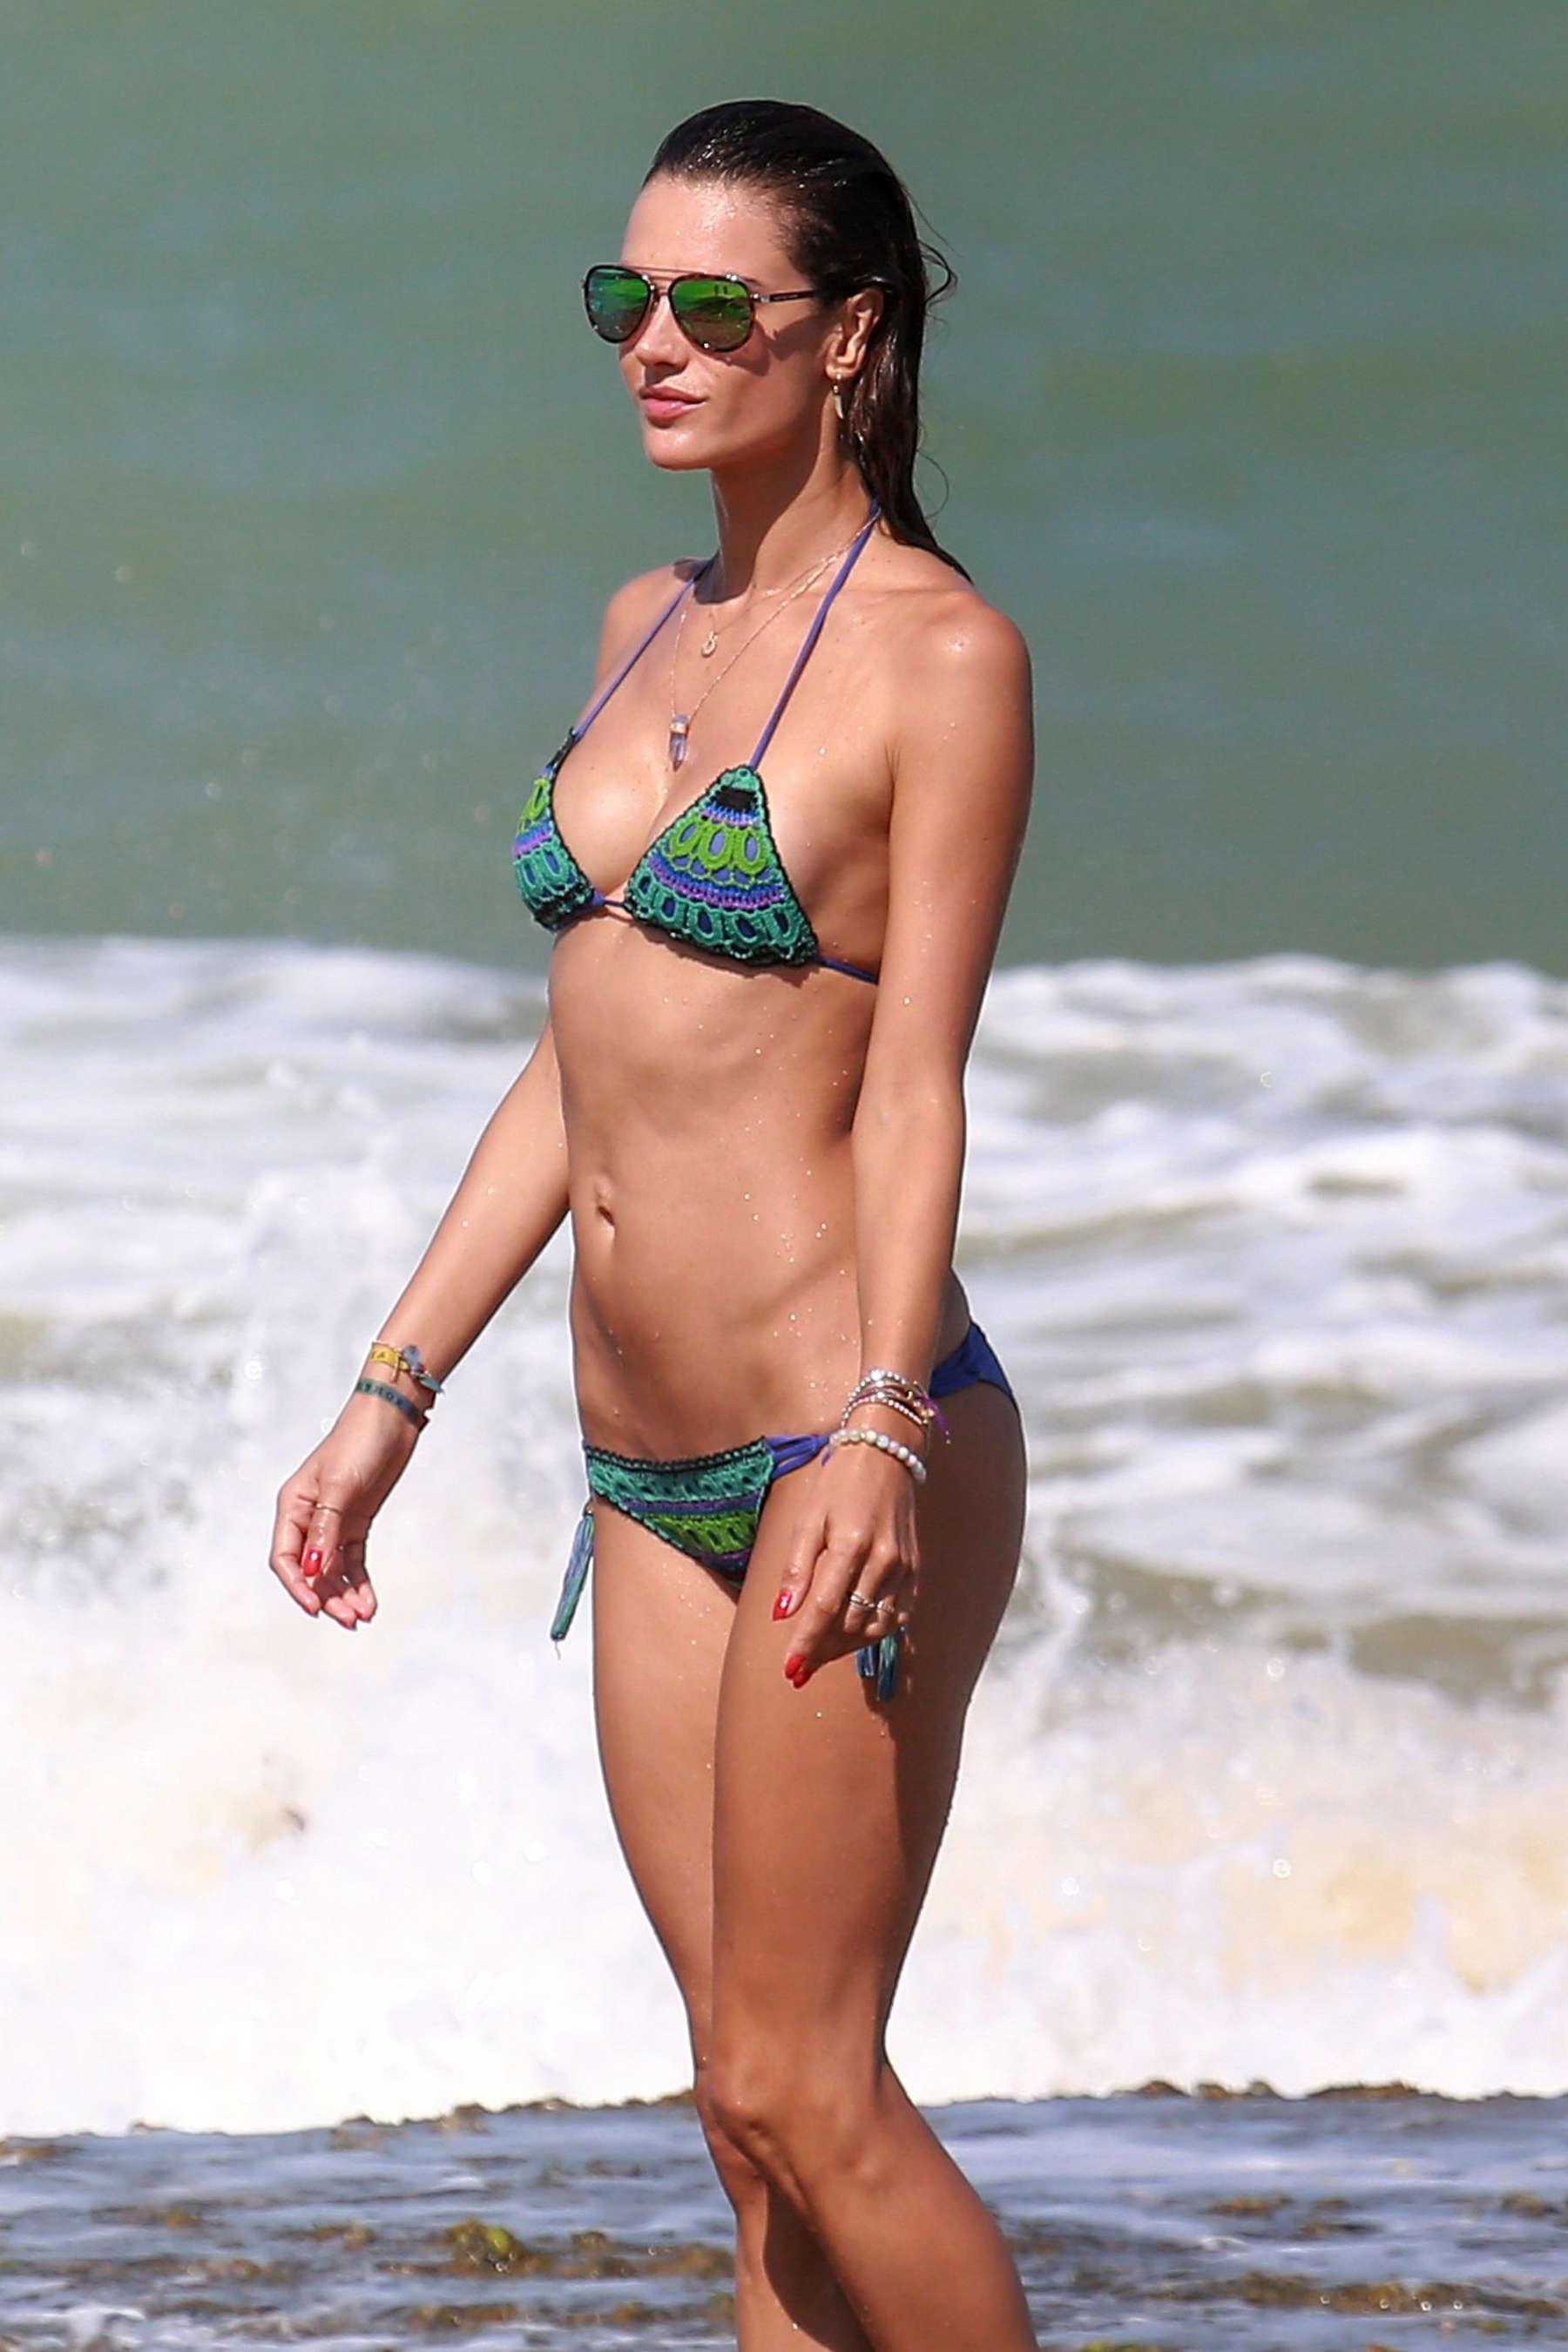 Alessandra Ambrosio 2016 : Alessandra Ambrosio Hot in Bikini -19